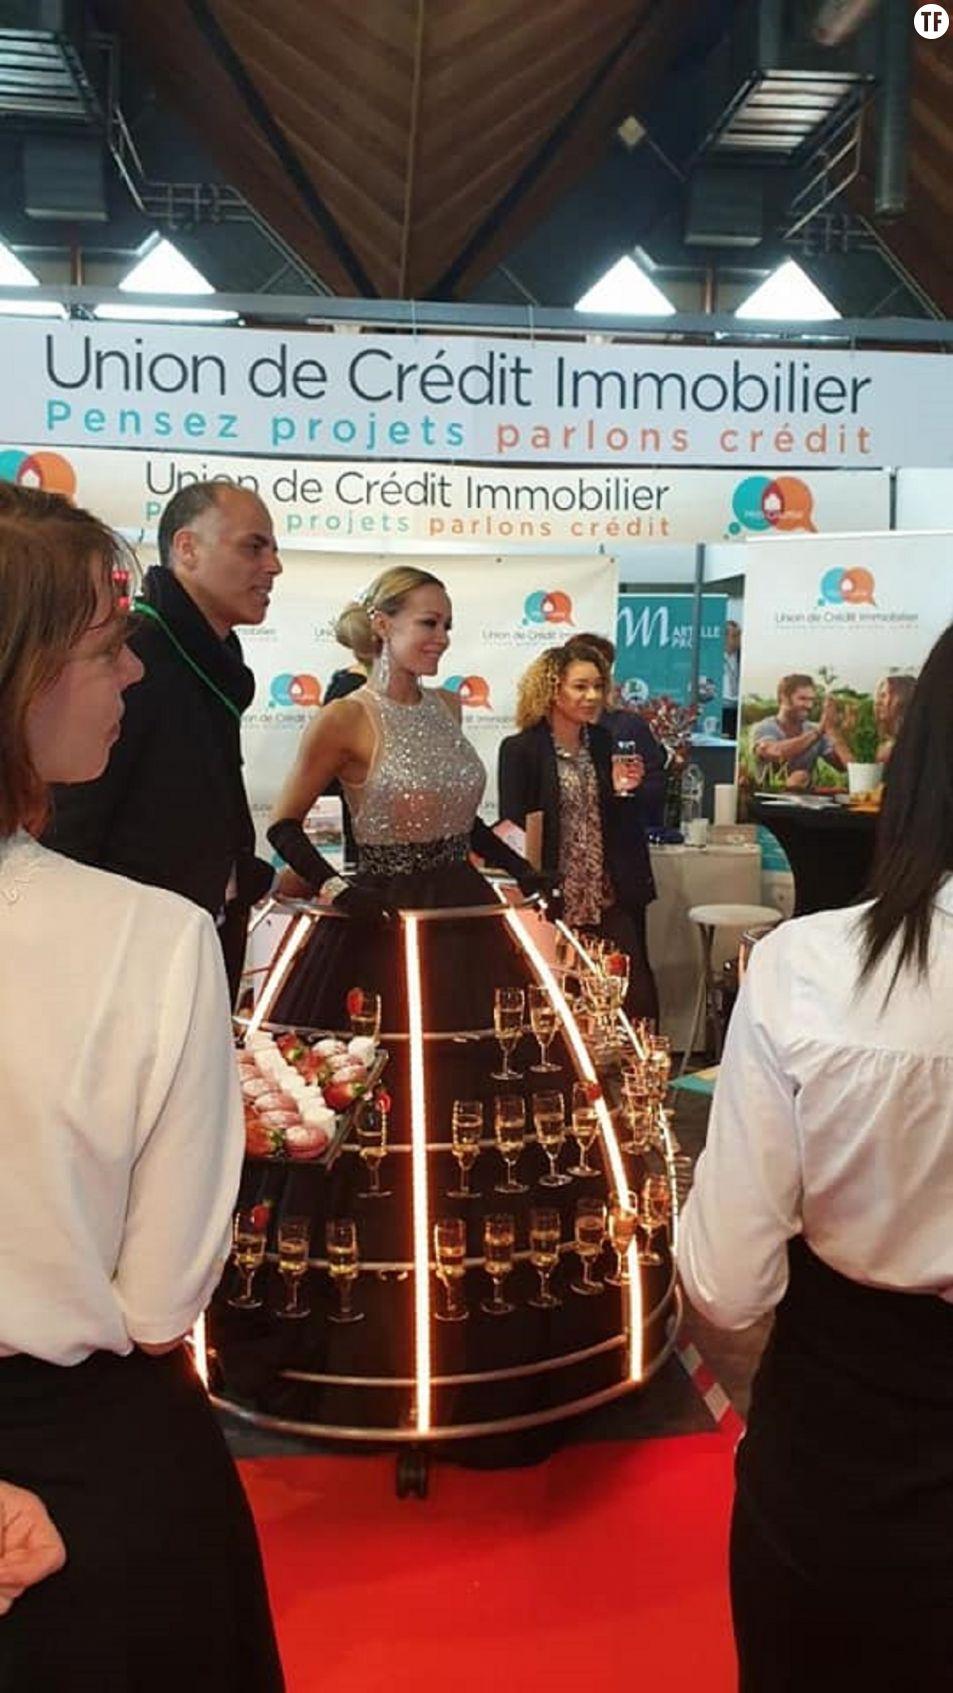 Femme portant une robe champagne à un événement de la CCI d'Amiens